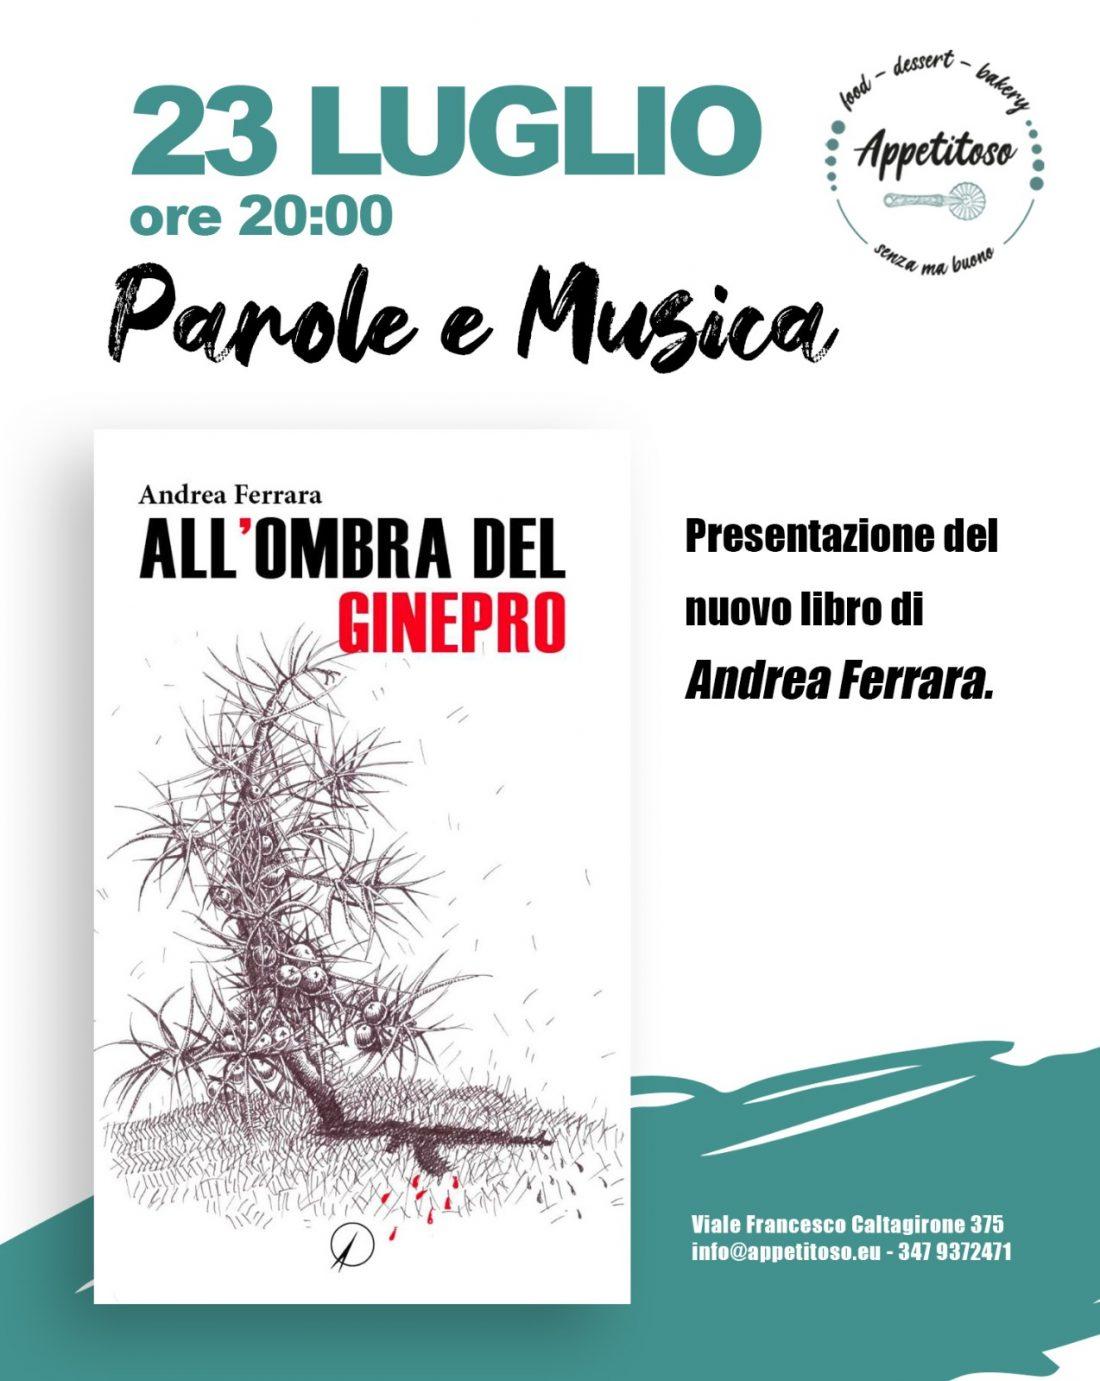 """Presentazione: """"All'ombra del ginepro"""" di Andrea Ferrara"""